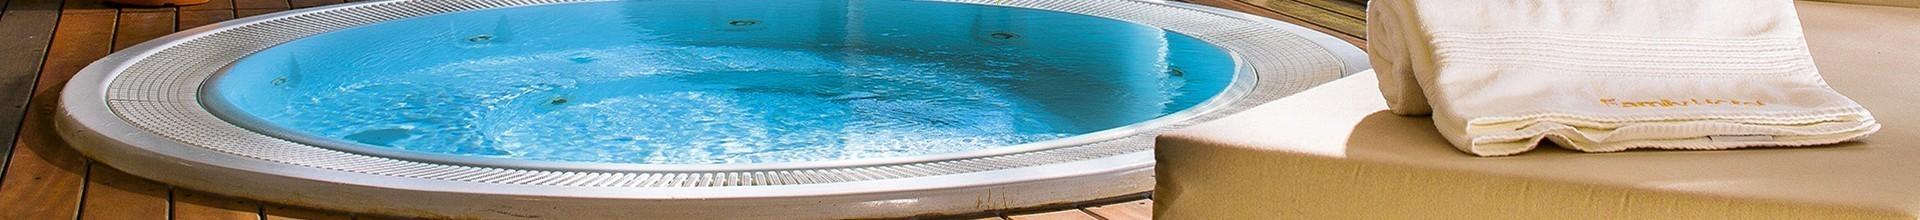 Vente spa en ligne direct fabricant, Provence Alpes Côte d'Azur